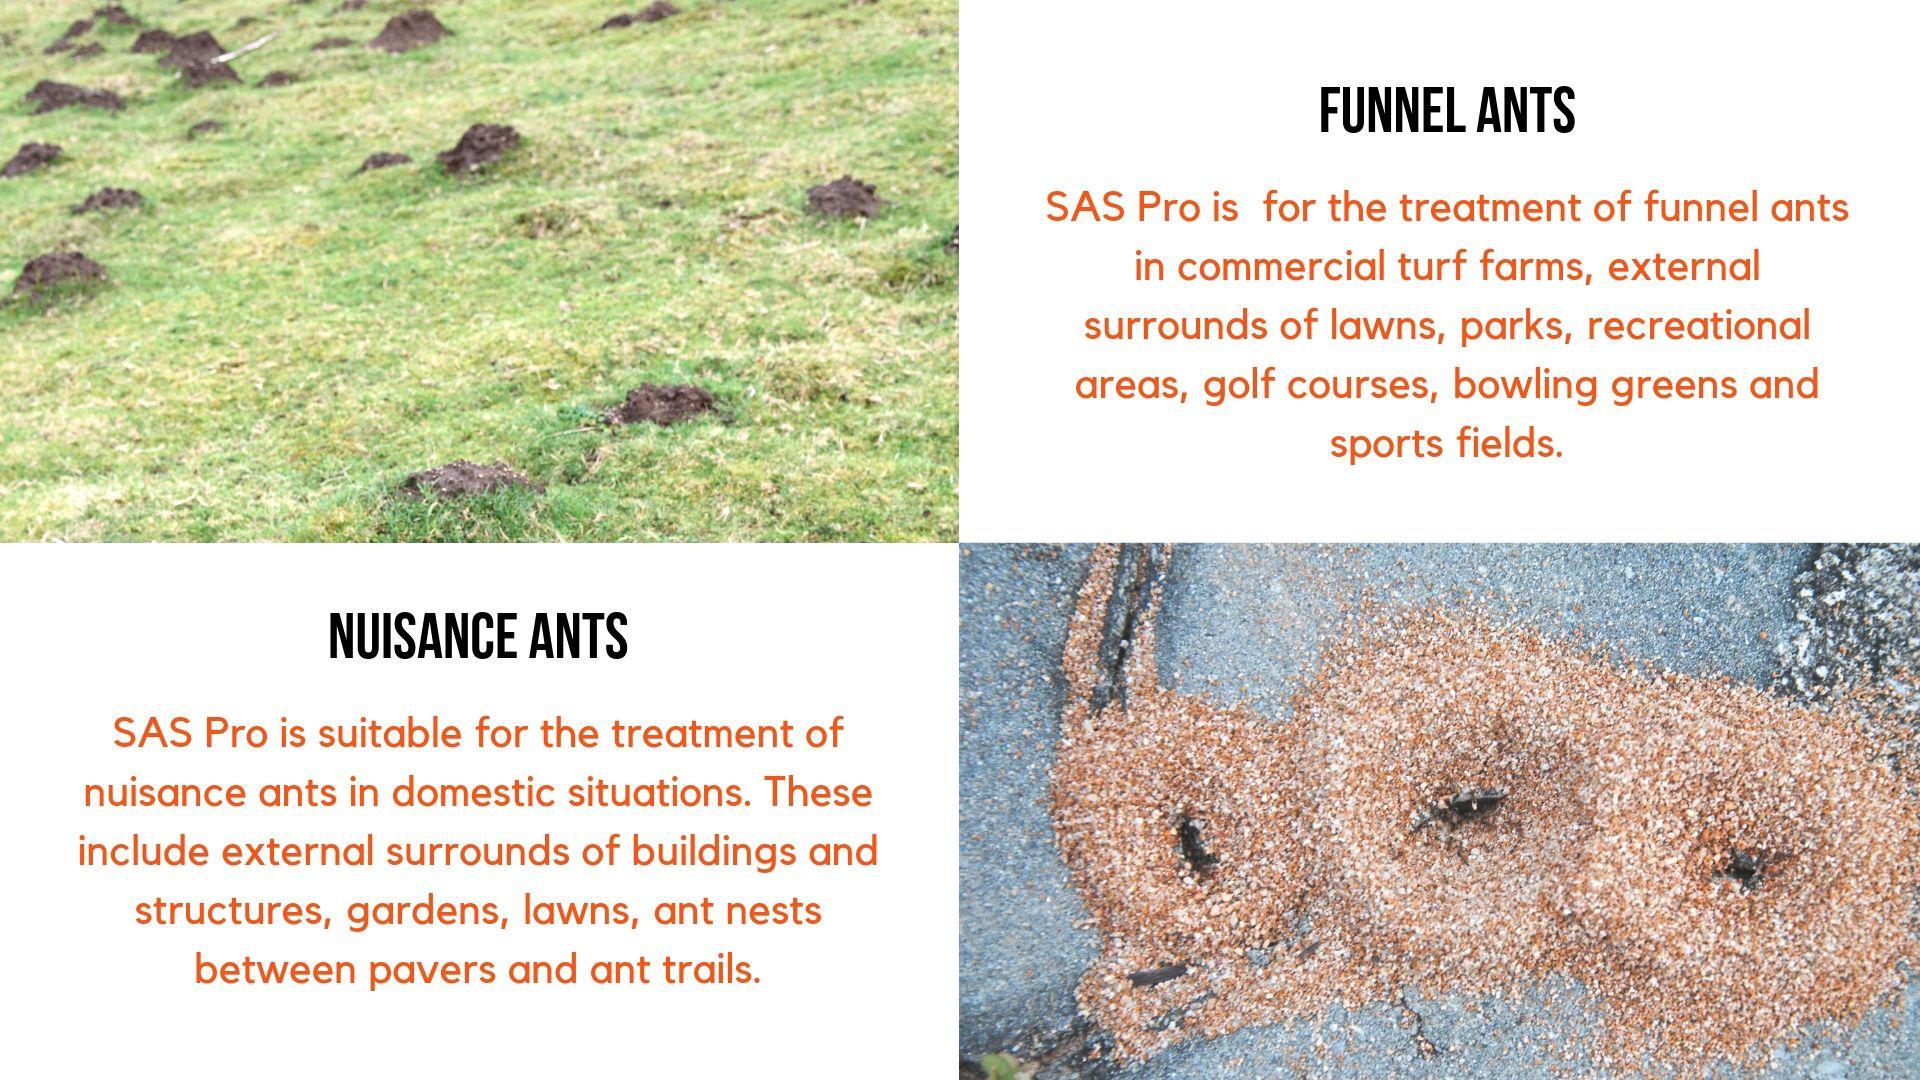 SAS Pro features